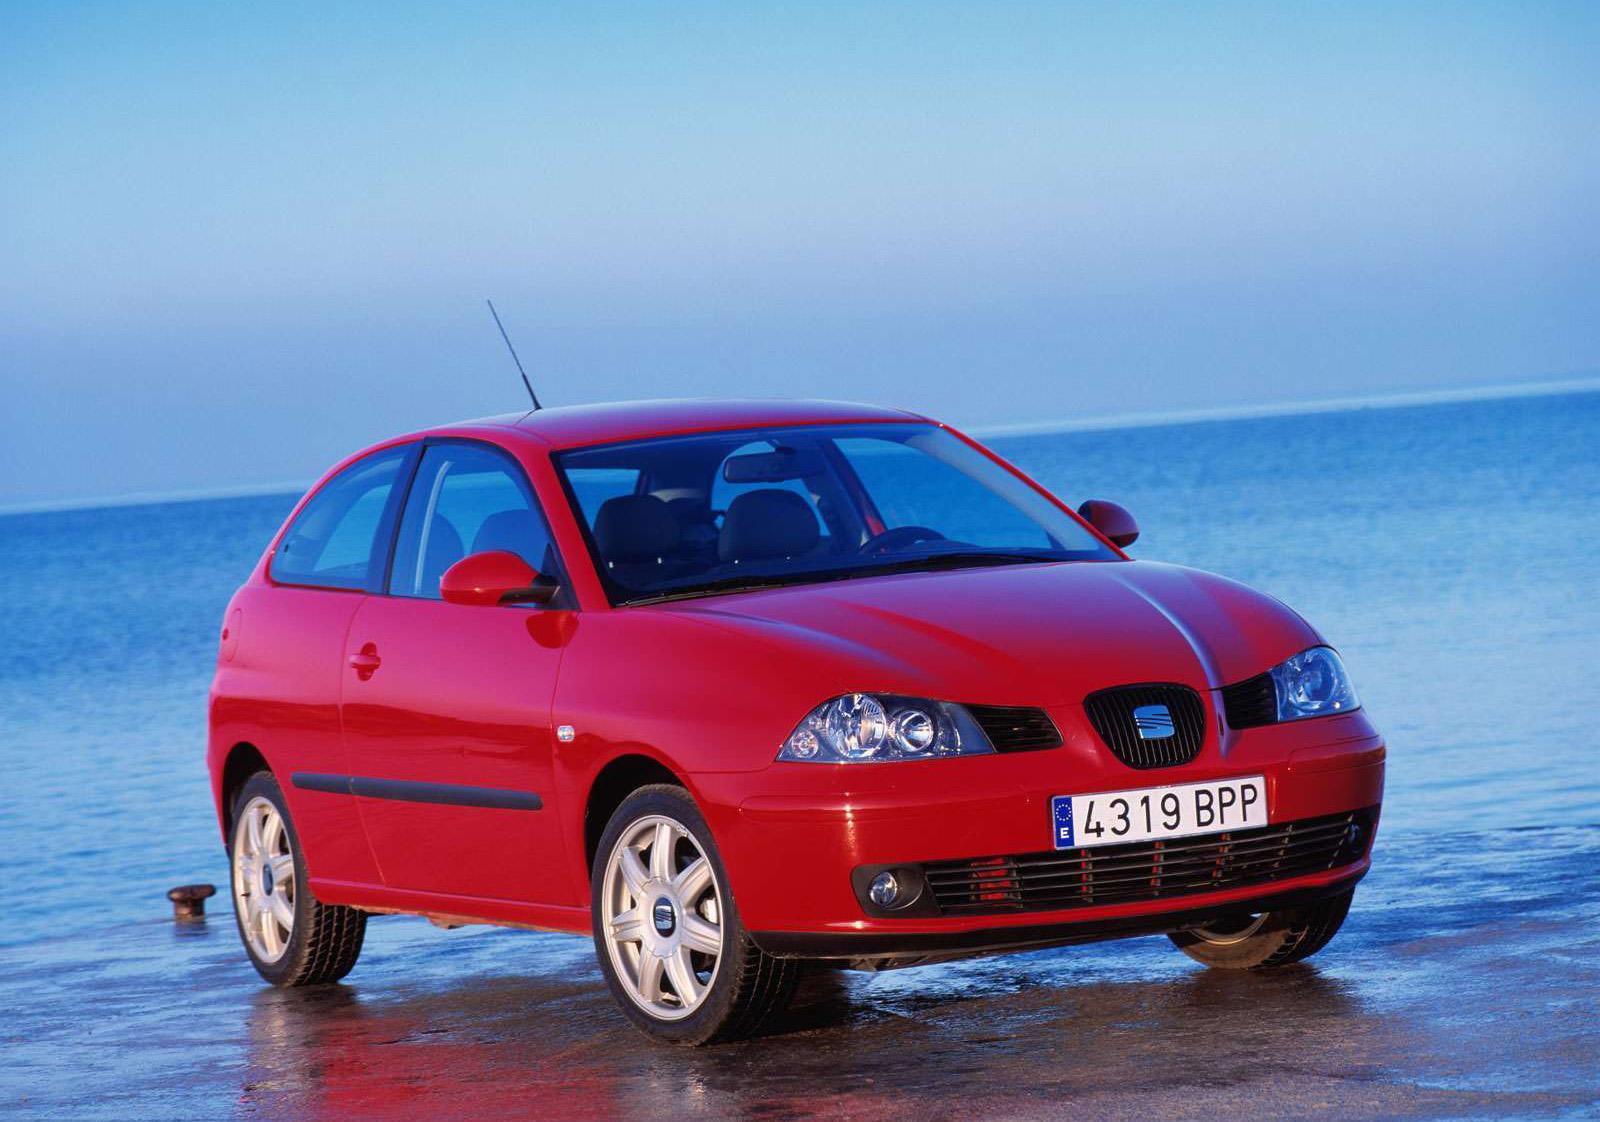 ¿Cuáles son los coches más robados y menos robados en España? Te lo contamos